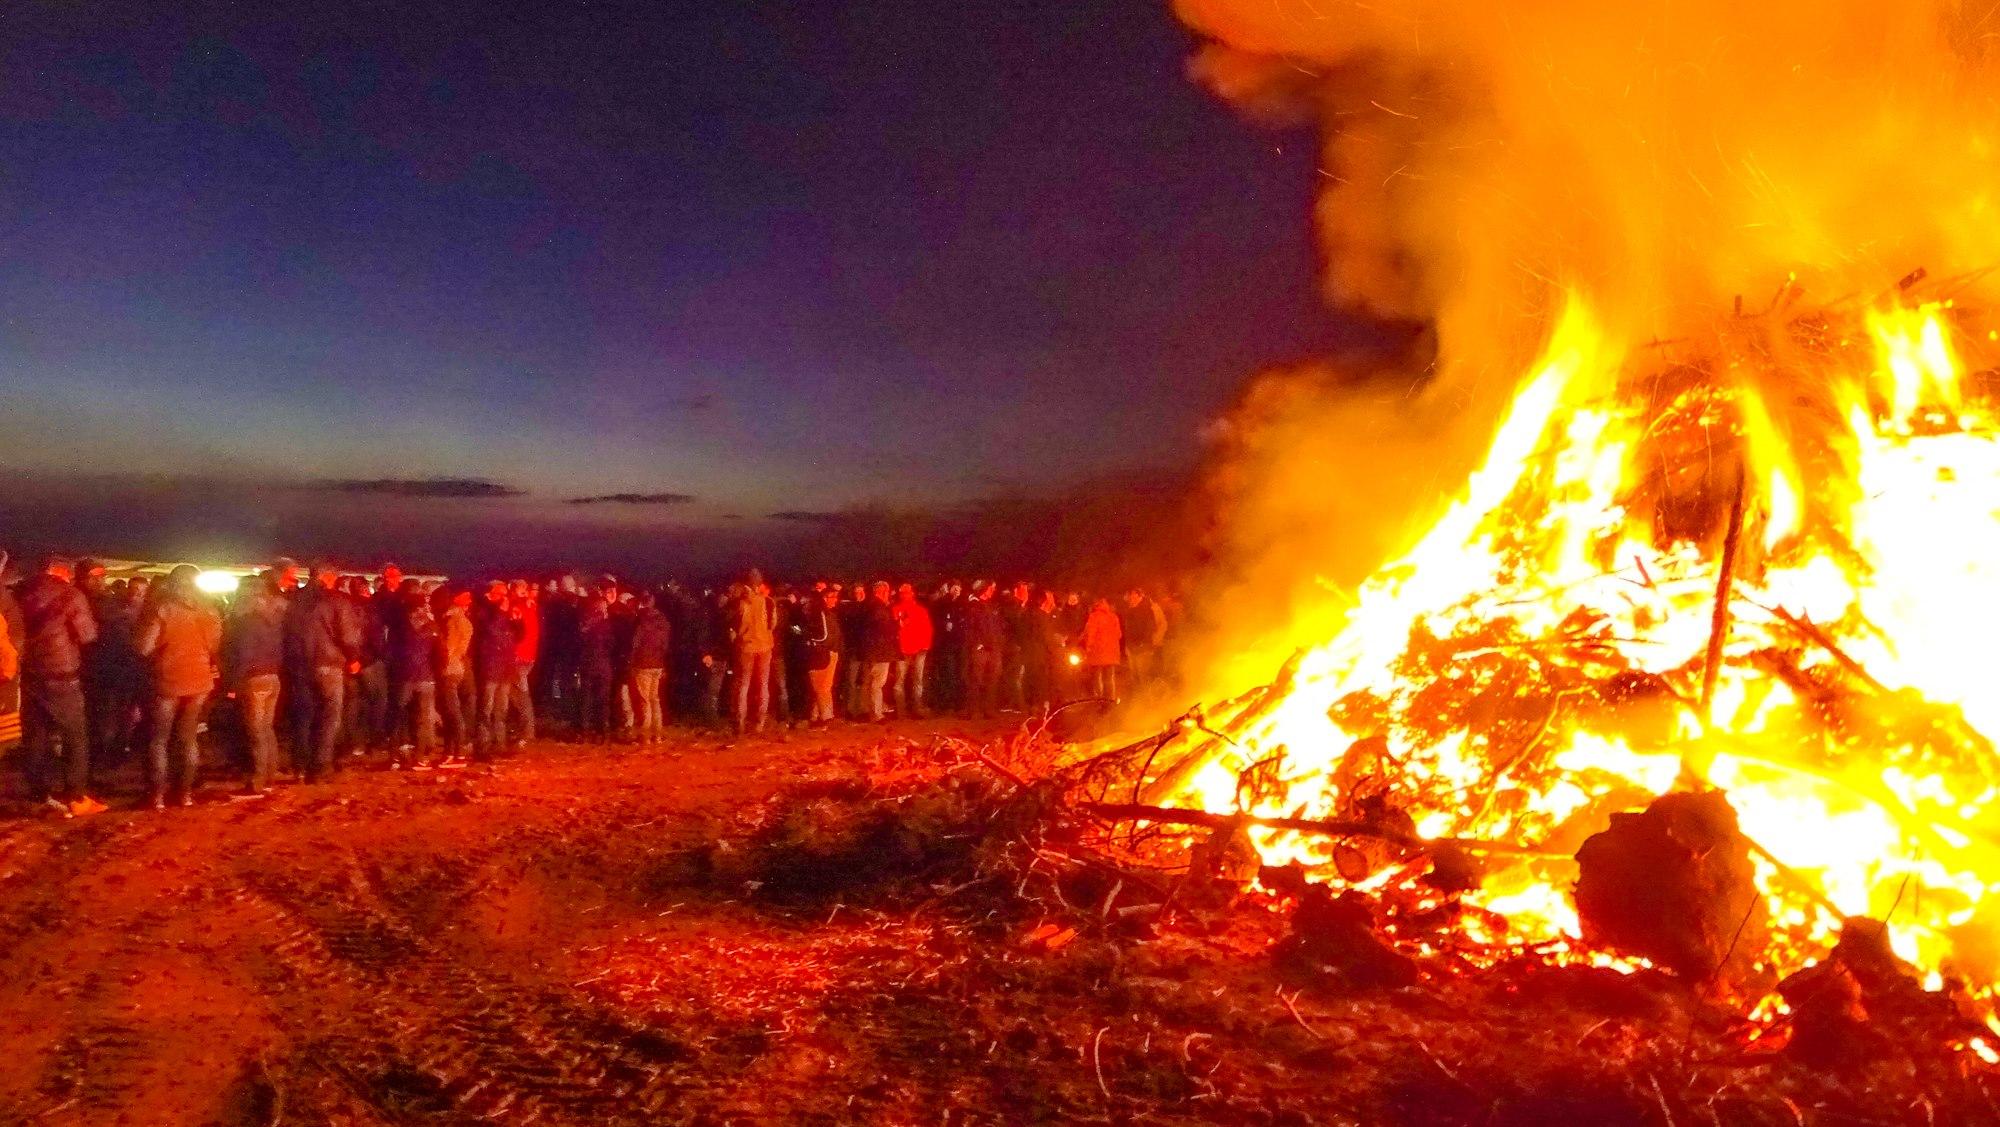 Osterfeuer: So geht es sicher durch die Feiertage